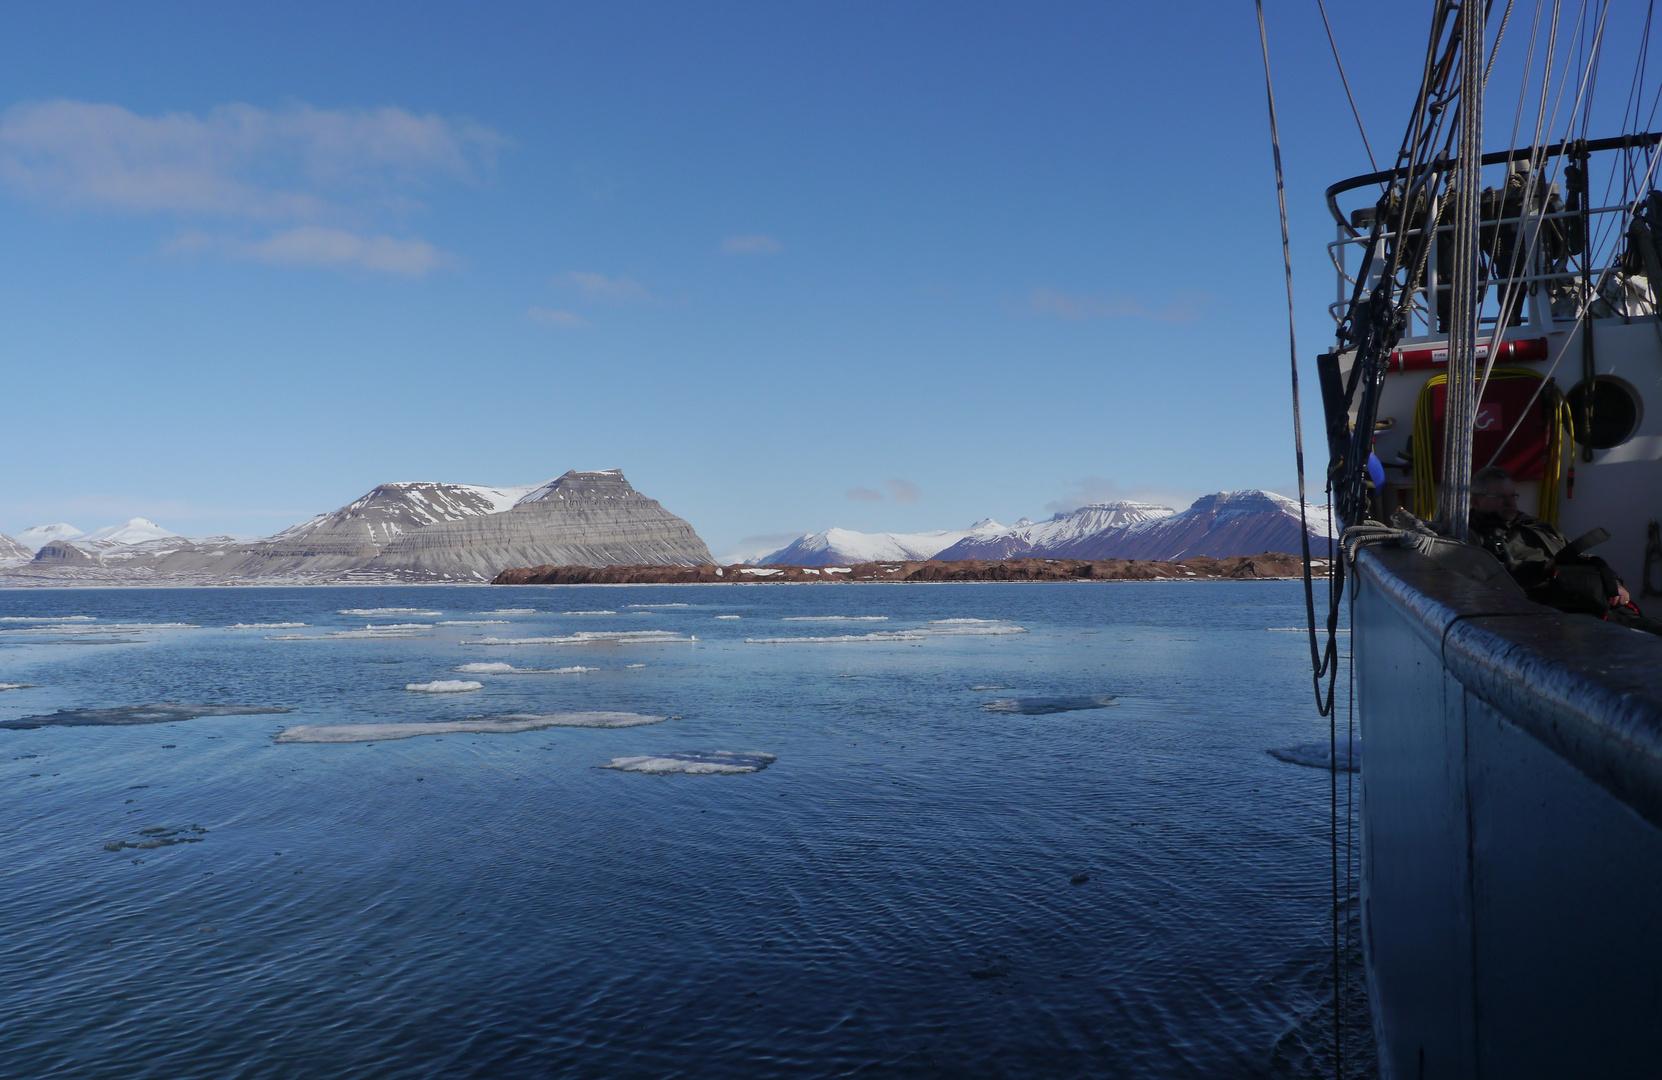 """Kurs """"Pyramiden"""" - Spitzbergen"""